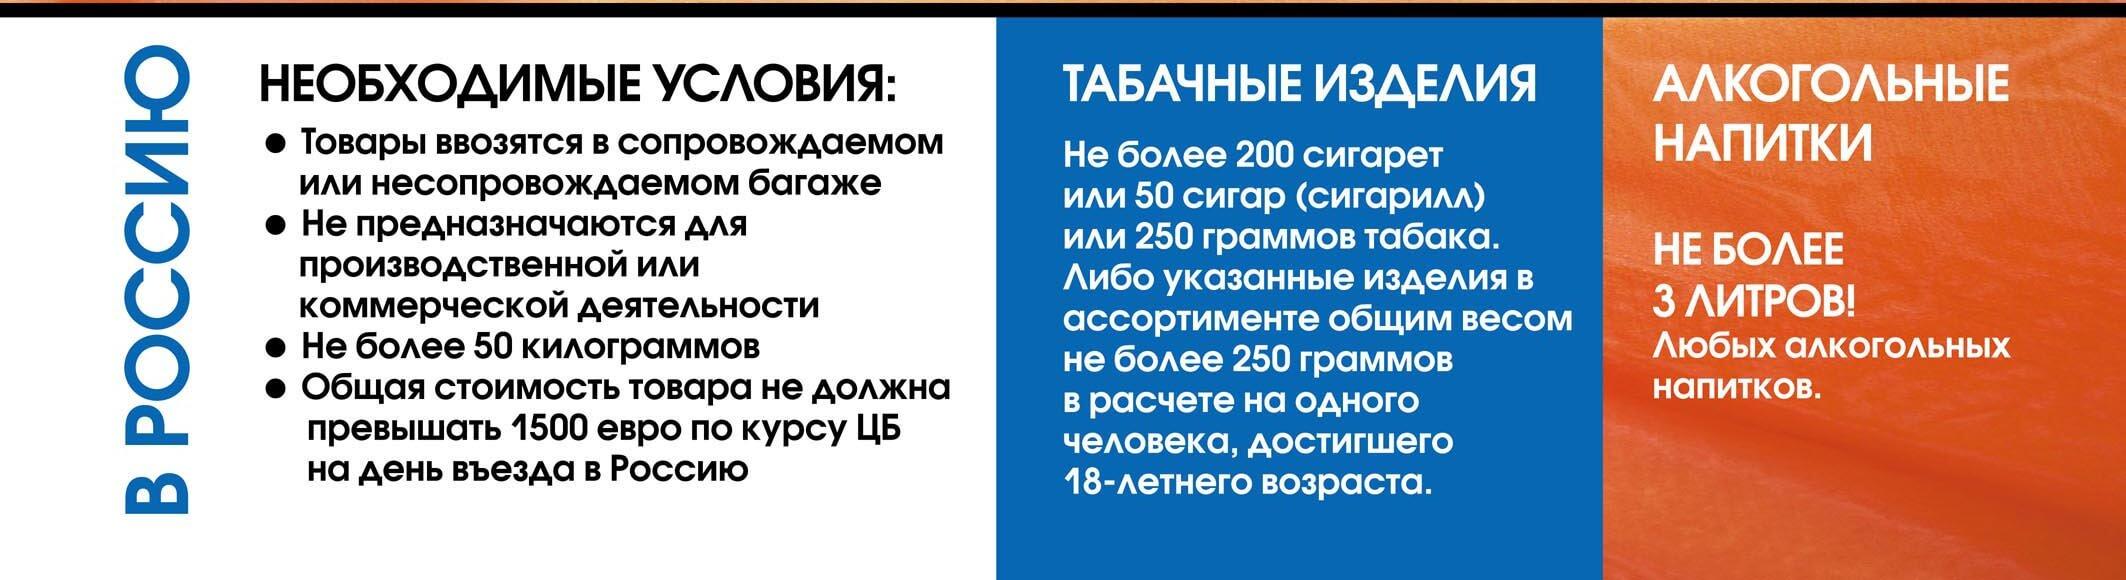 Правила провоз табачных изделий из днр в россию